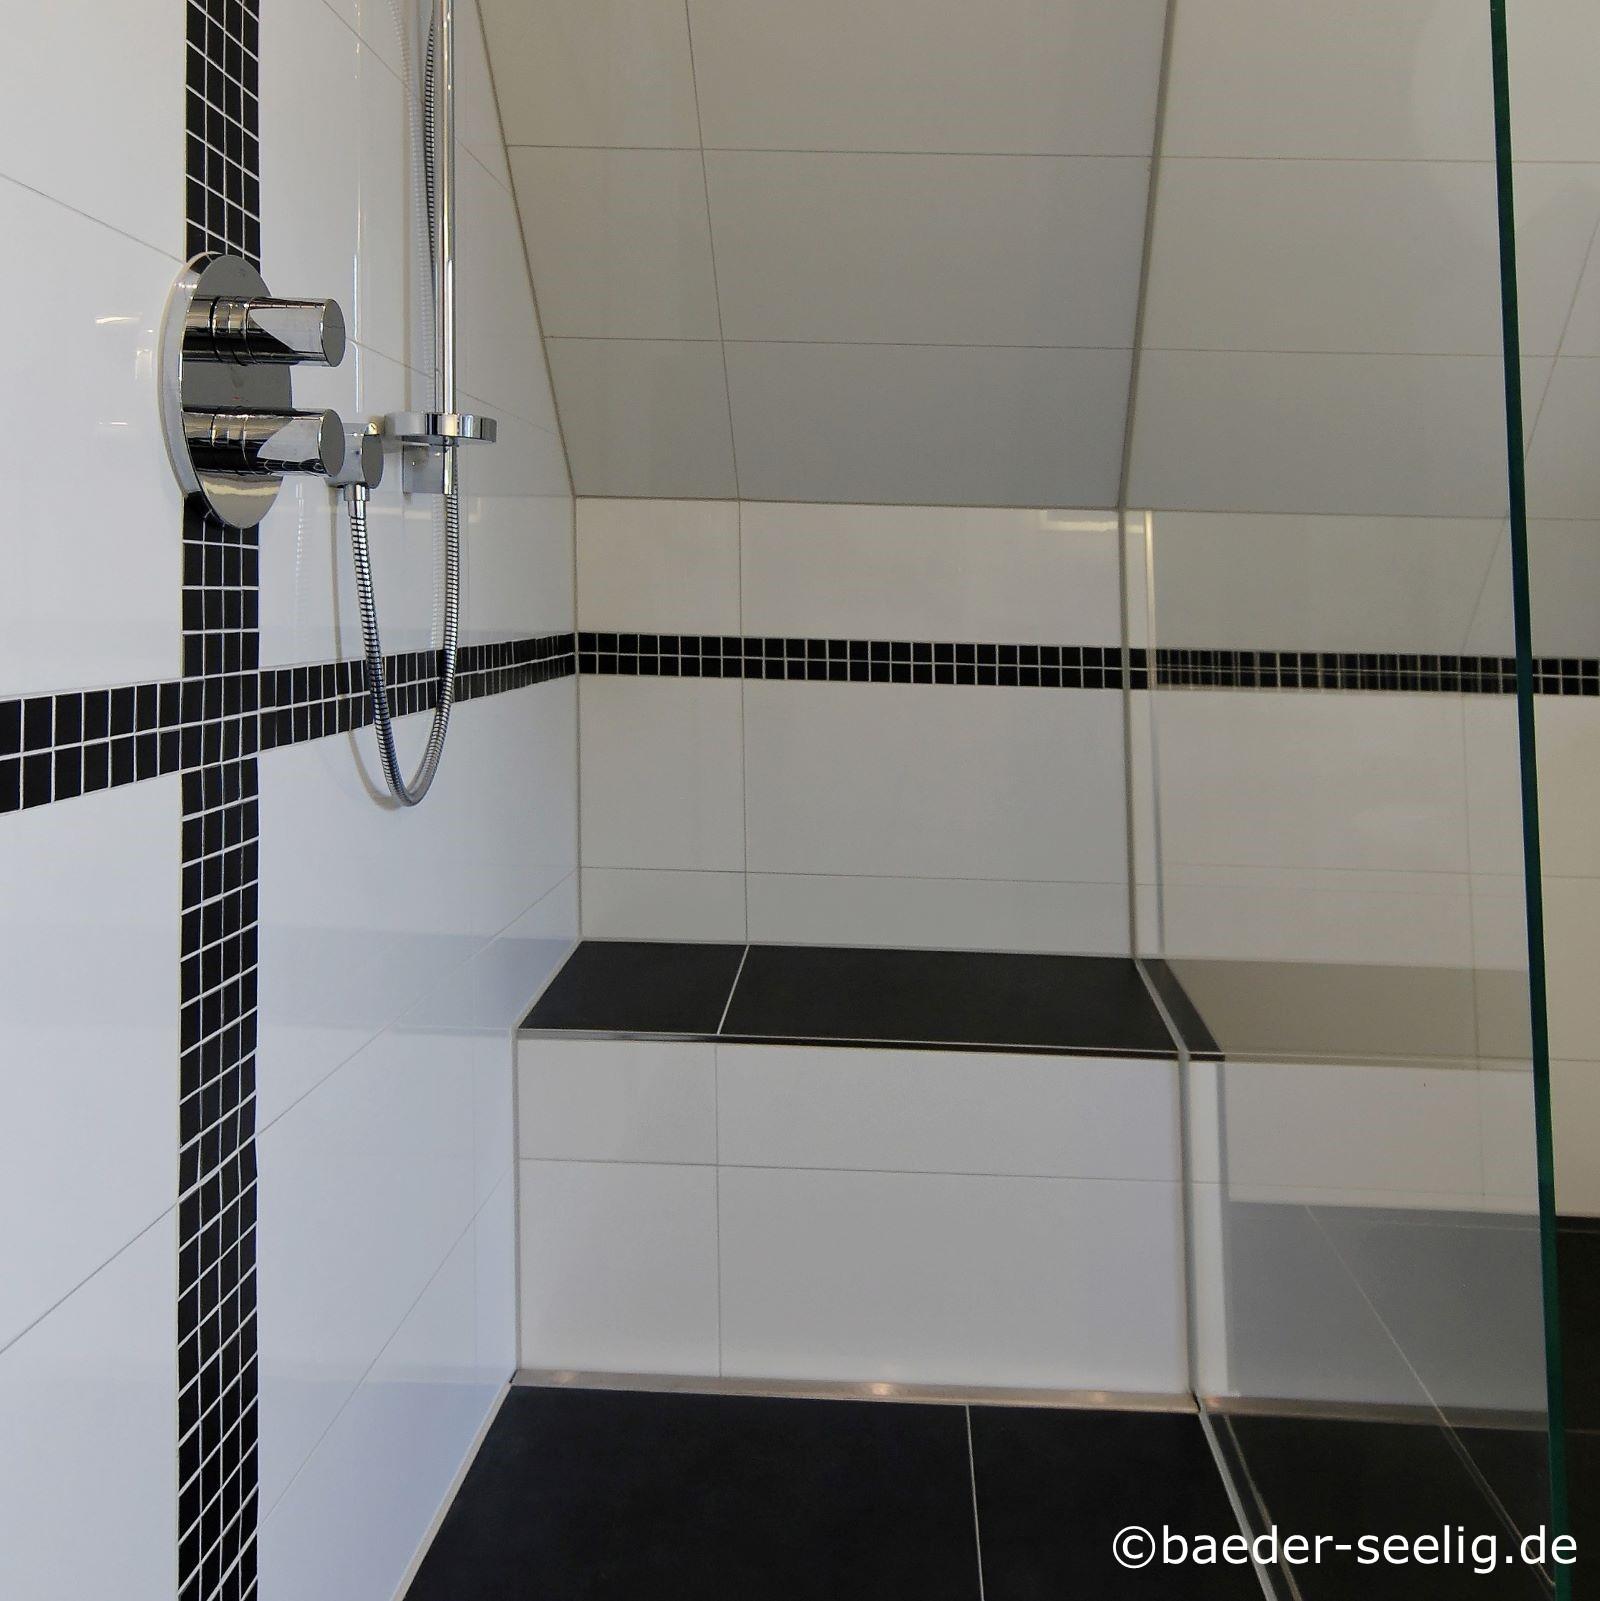 Abgebildet ist eine geraeumige walk-in-duschkabine nach mass, die in eine dachschraege eingebaut wurde. Sie ist unter der schraege, also hinten vom auge des betrachters aus, mit einer duschbank versehen. Diese ist oben mit schwarzen grossen fliesen gefliest, genau wie der boden, und vorne mit weissen grossen fliesen, genau wie die waende. Die cm-genaue massanfertigung der v4a edelstahl-duschrinne pro ist direkt vor der duschbank montiert passgenau zwischen wand und ganzglas-duschabtrennung. Als flachste bodenablaufrinne nach mass wurde sie hier ausgewaehlt, um die bodentiefe dusche nachtraeglich im baubestand einzubauen trotz der sehr geringen zur verfuegung stehenden aufbauhoehe. Mit ihres sehr hohen ablaufleistung von konstant ca. 1 l/s eignet sie sich hervorragend fuer begehbare duschkabinen. Sie ermoeglicht auch die einfache herstellung des einseitigen gefaelleestrichs auf dem boden des duschbereichs, der die einfache verlegung der grossen fliesen mit nur wenigen fugen moeglich machte.